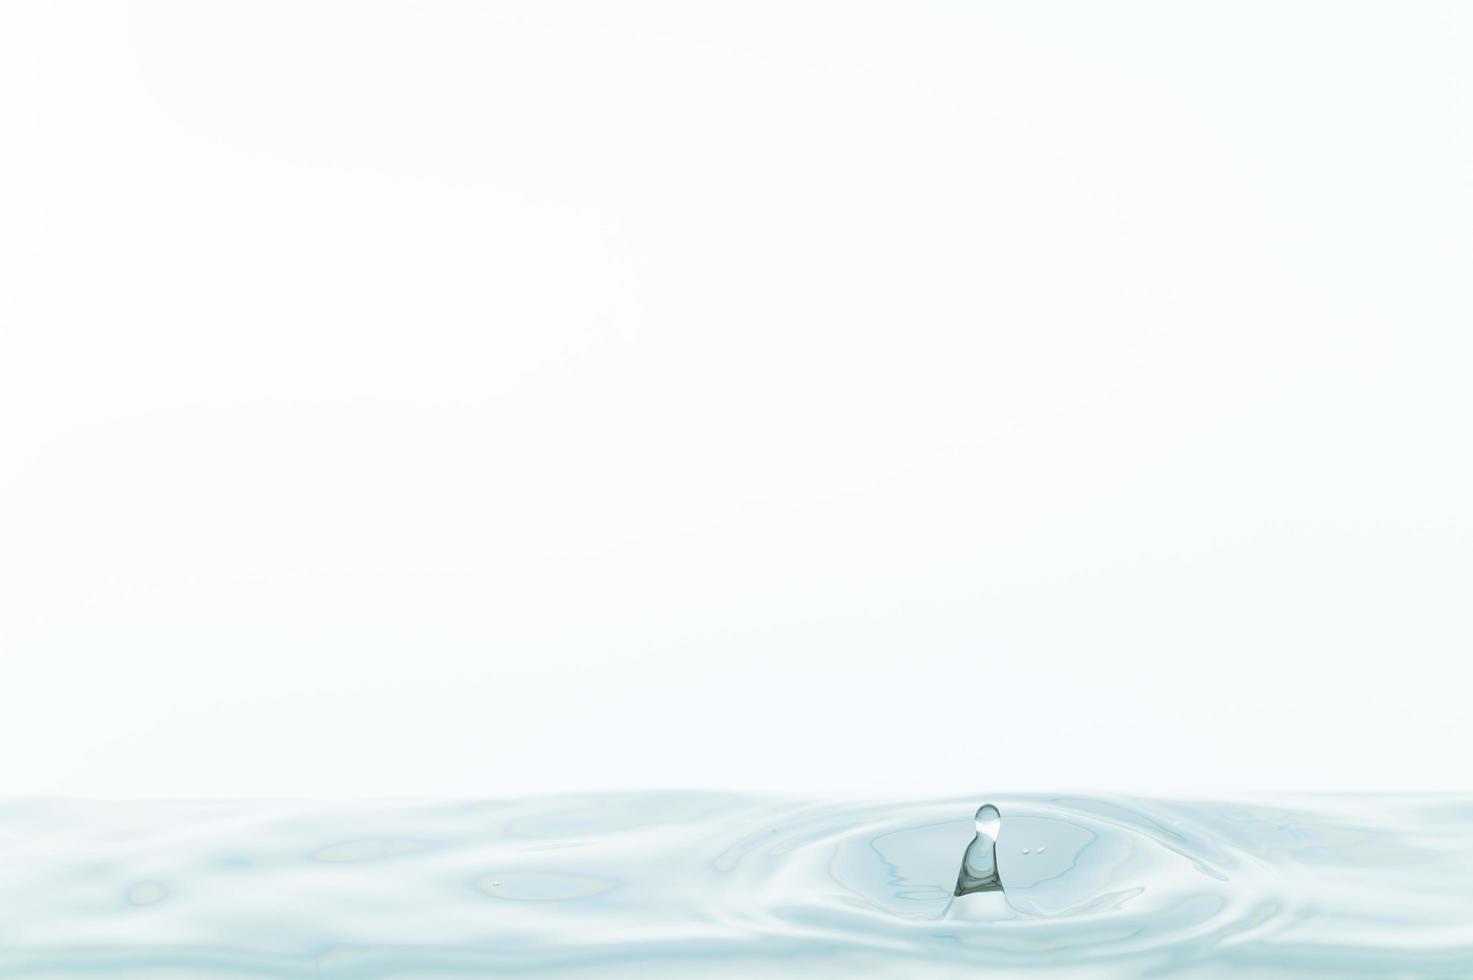 vattenyta på vit bakgrund foto